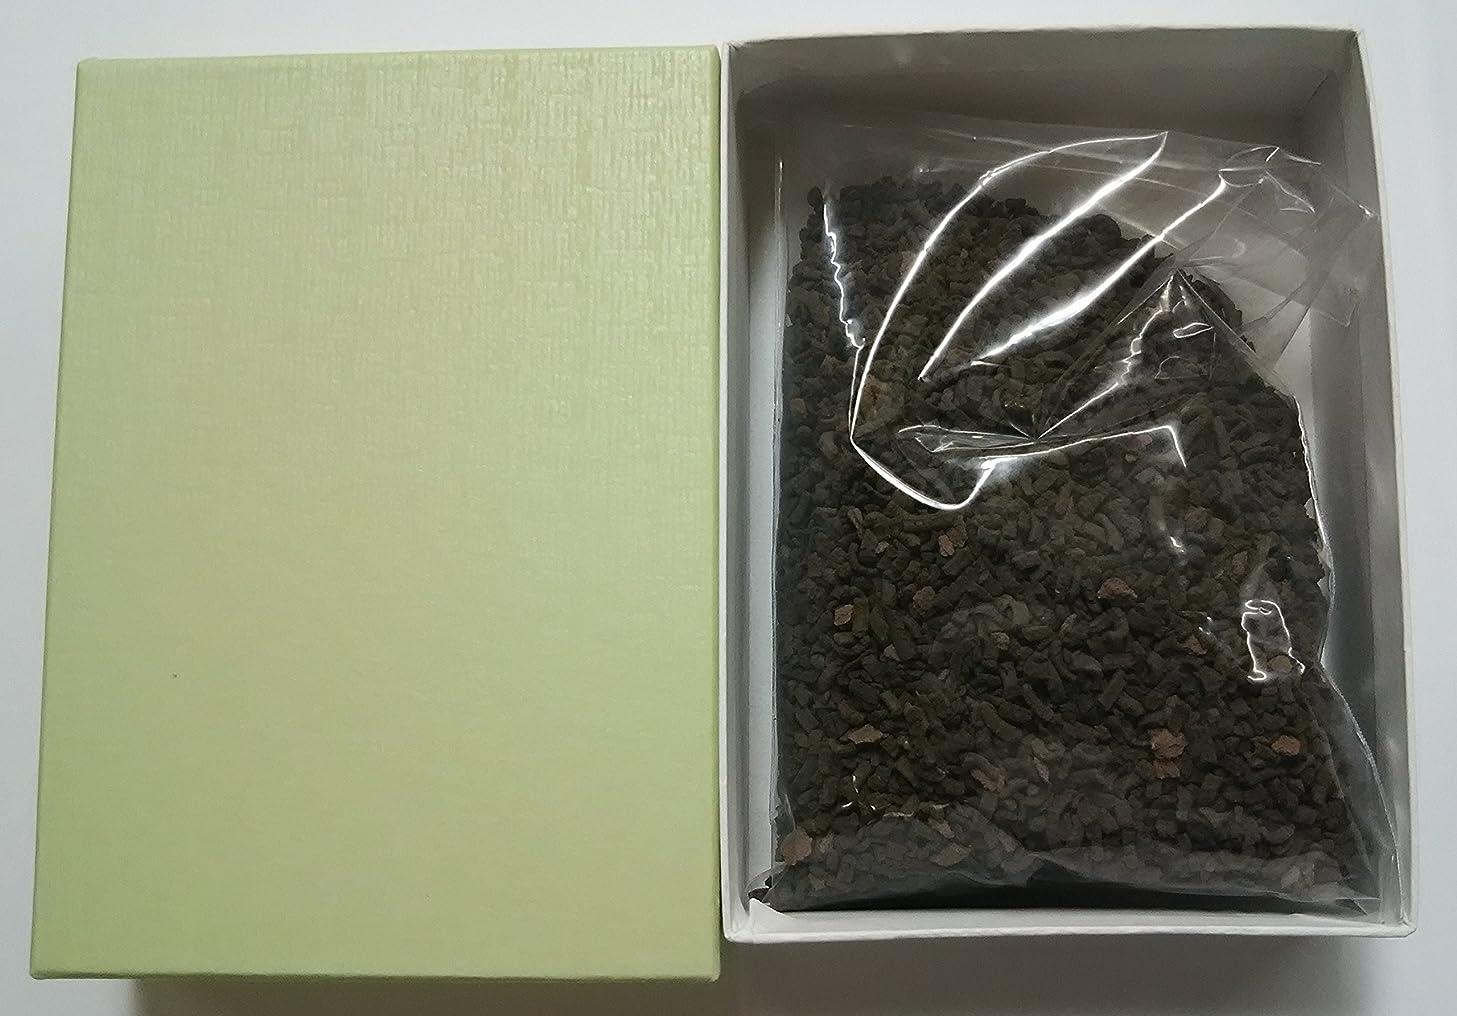 感嘆泣くごちそう煙の少ない黒沈香木 G89 高級お香 お焼香用 けむりの少ないお香 お焼香 agarwood